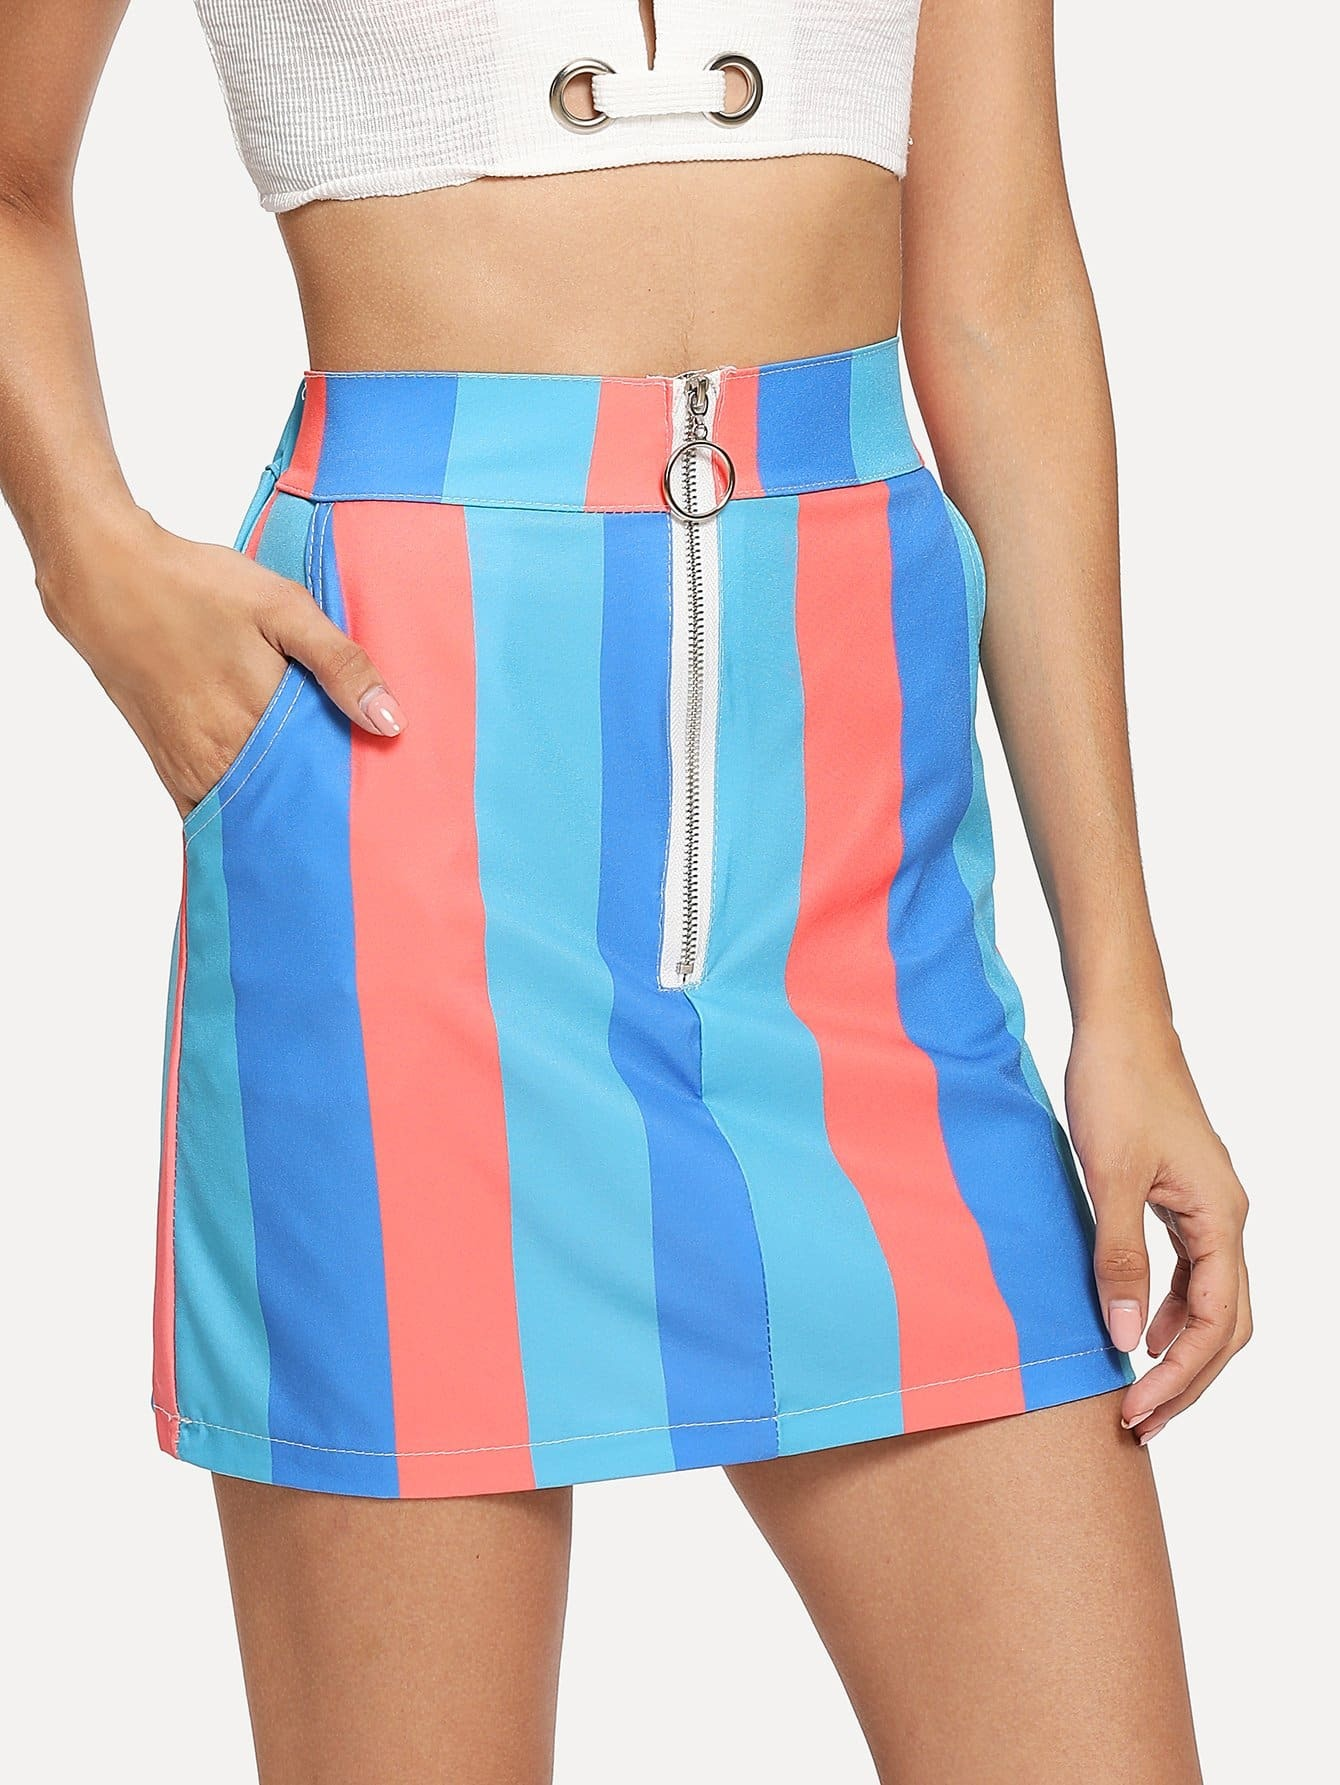 Купить Мини-юбка с застежкой из нескольких цветов, Gabi B, SheIn